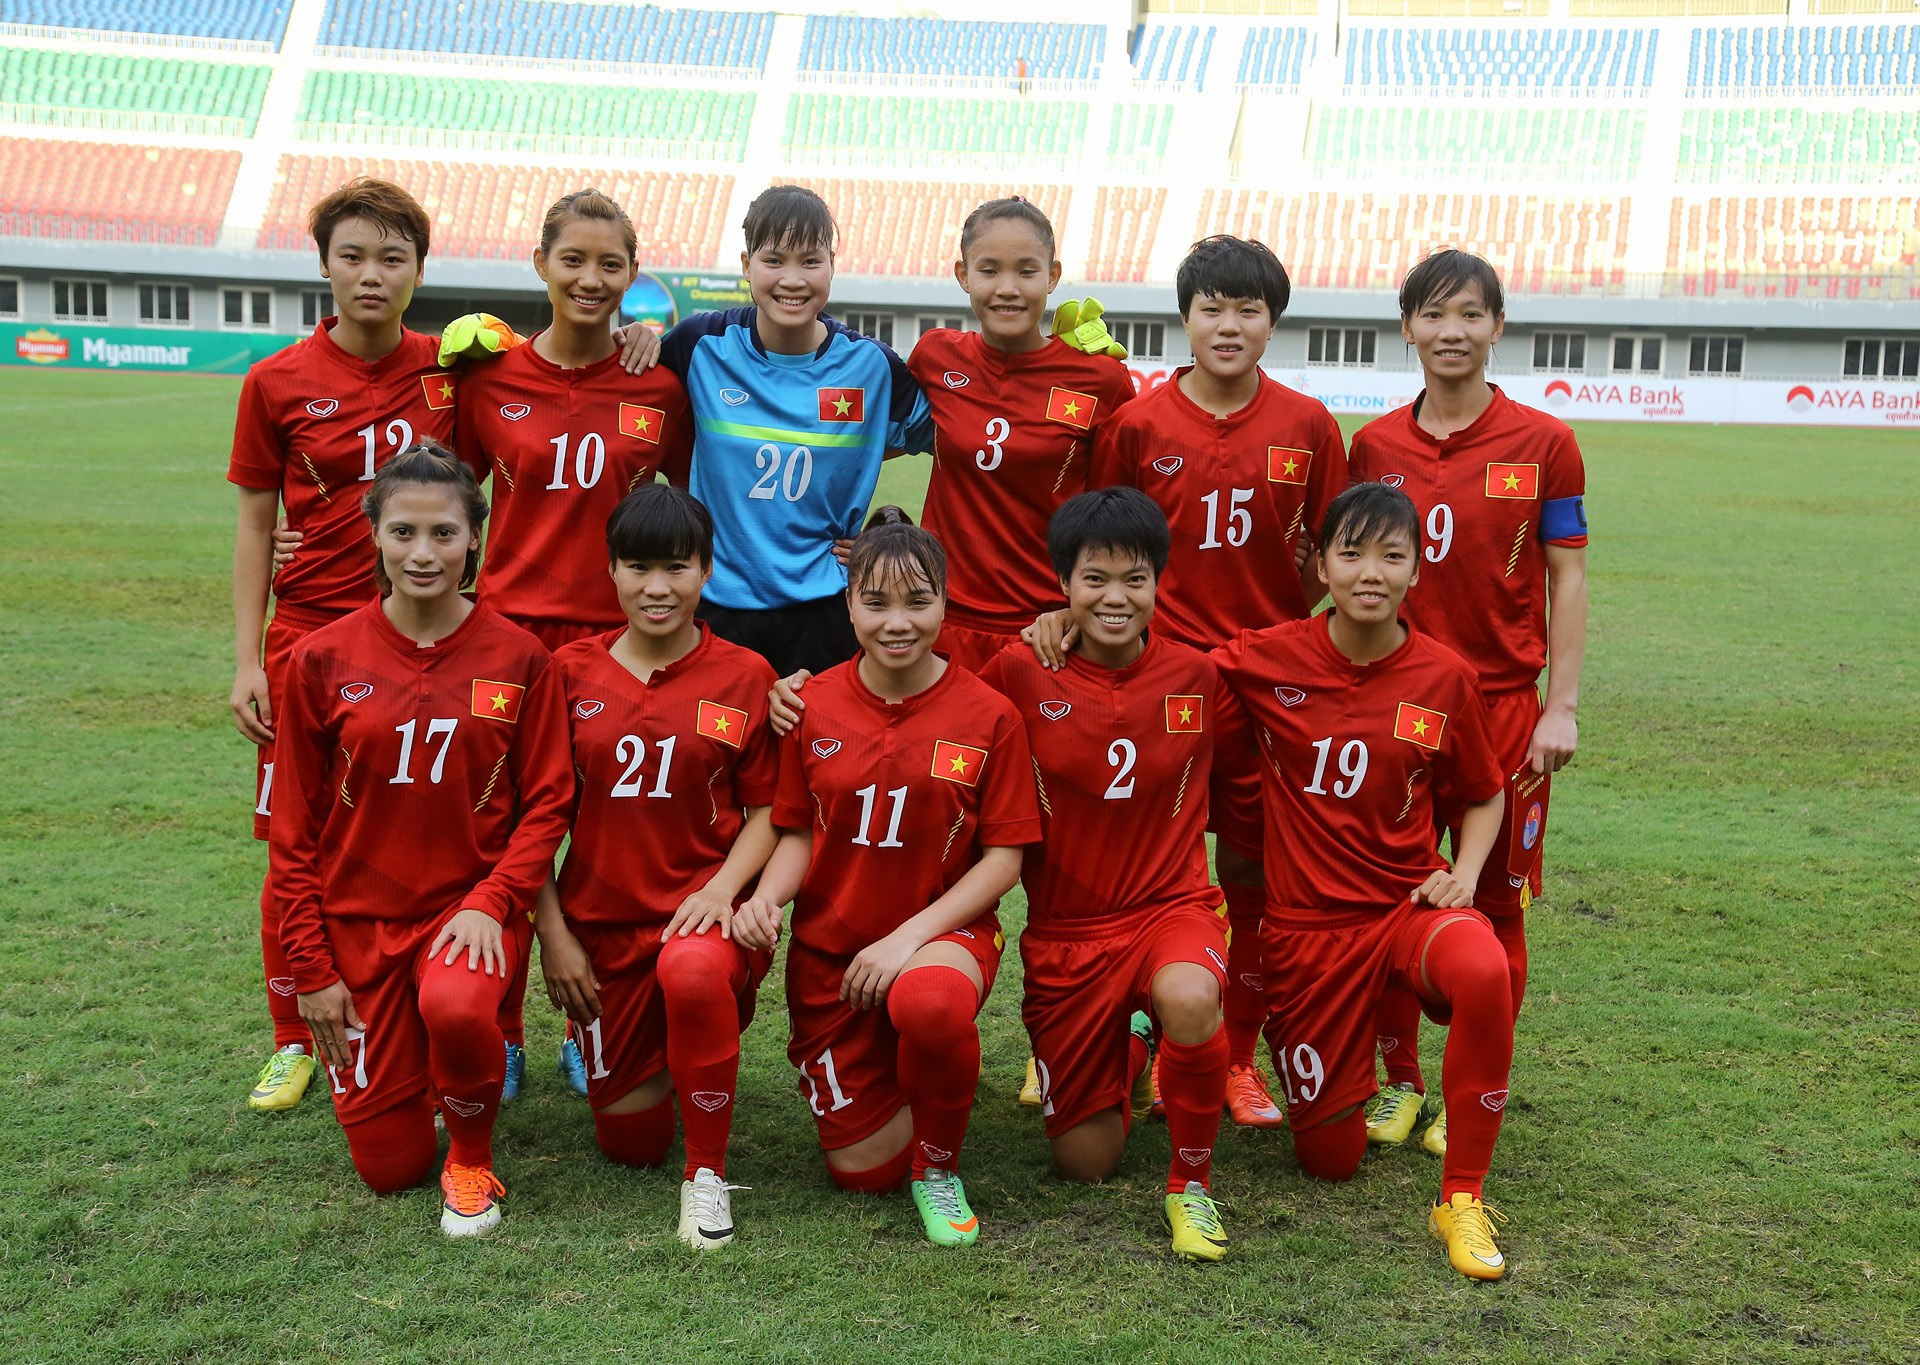 Đội tuyển nữ Việt Nam sẽ đối diện với áp lực từ khán giả Myanmar trong trận bán kết